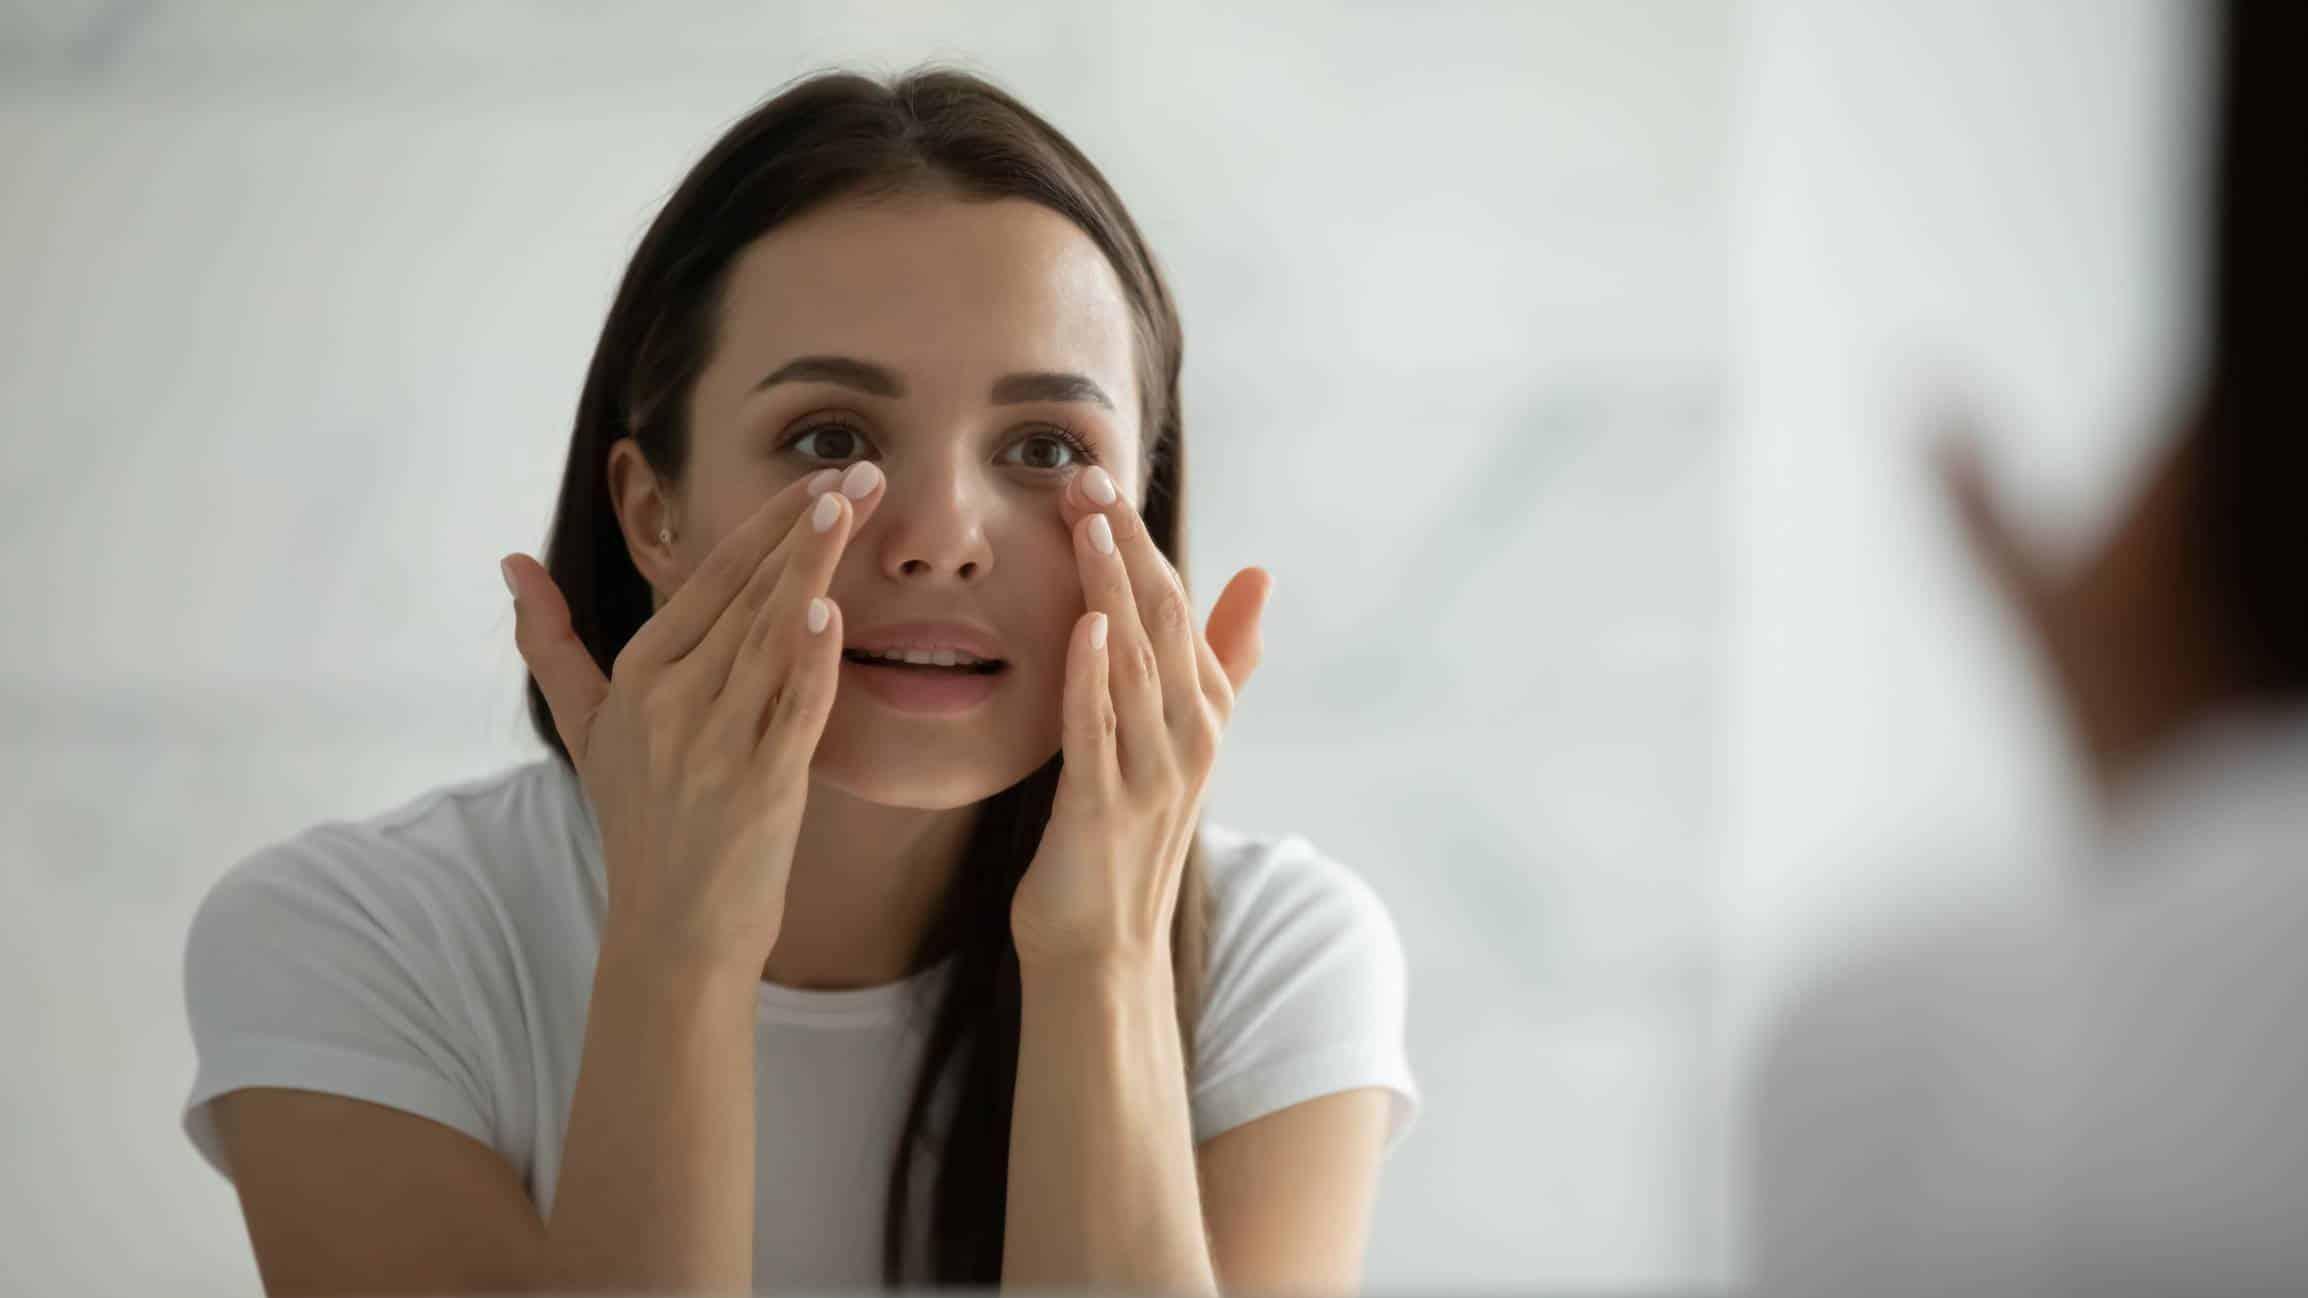 choisir son maquillage en fonction de son type de peau